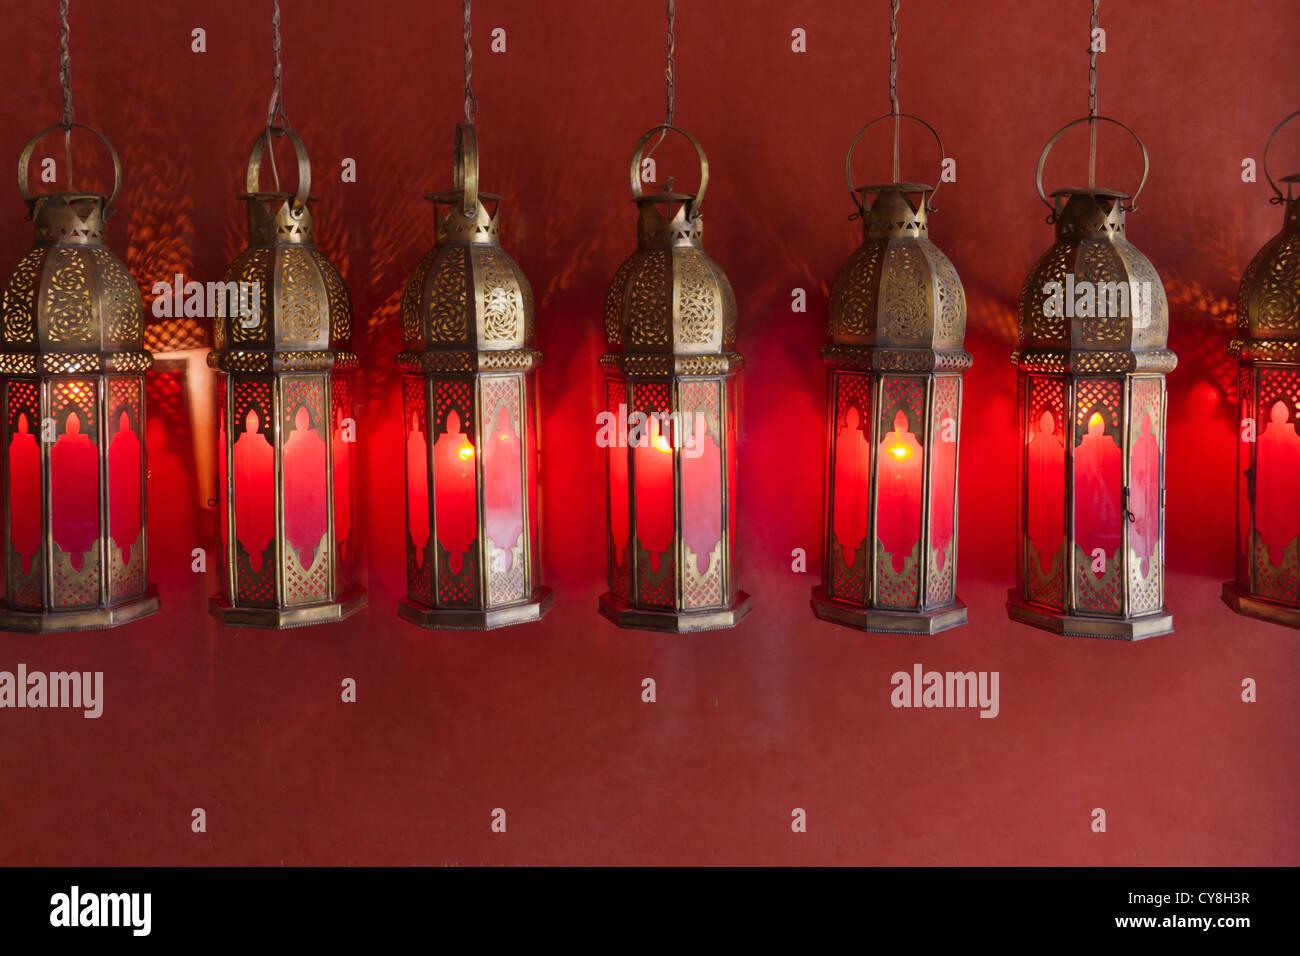 Las lámparas tradicionales en la medina de Marrakech, Marruecos Imagen De Stock